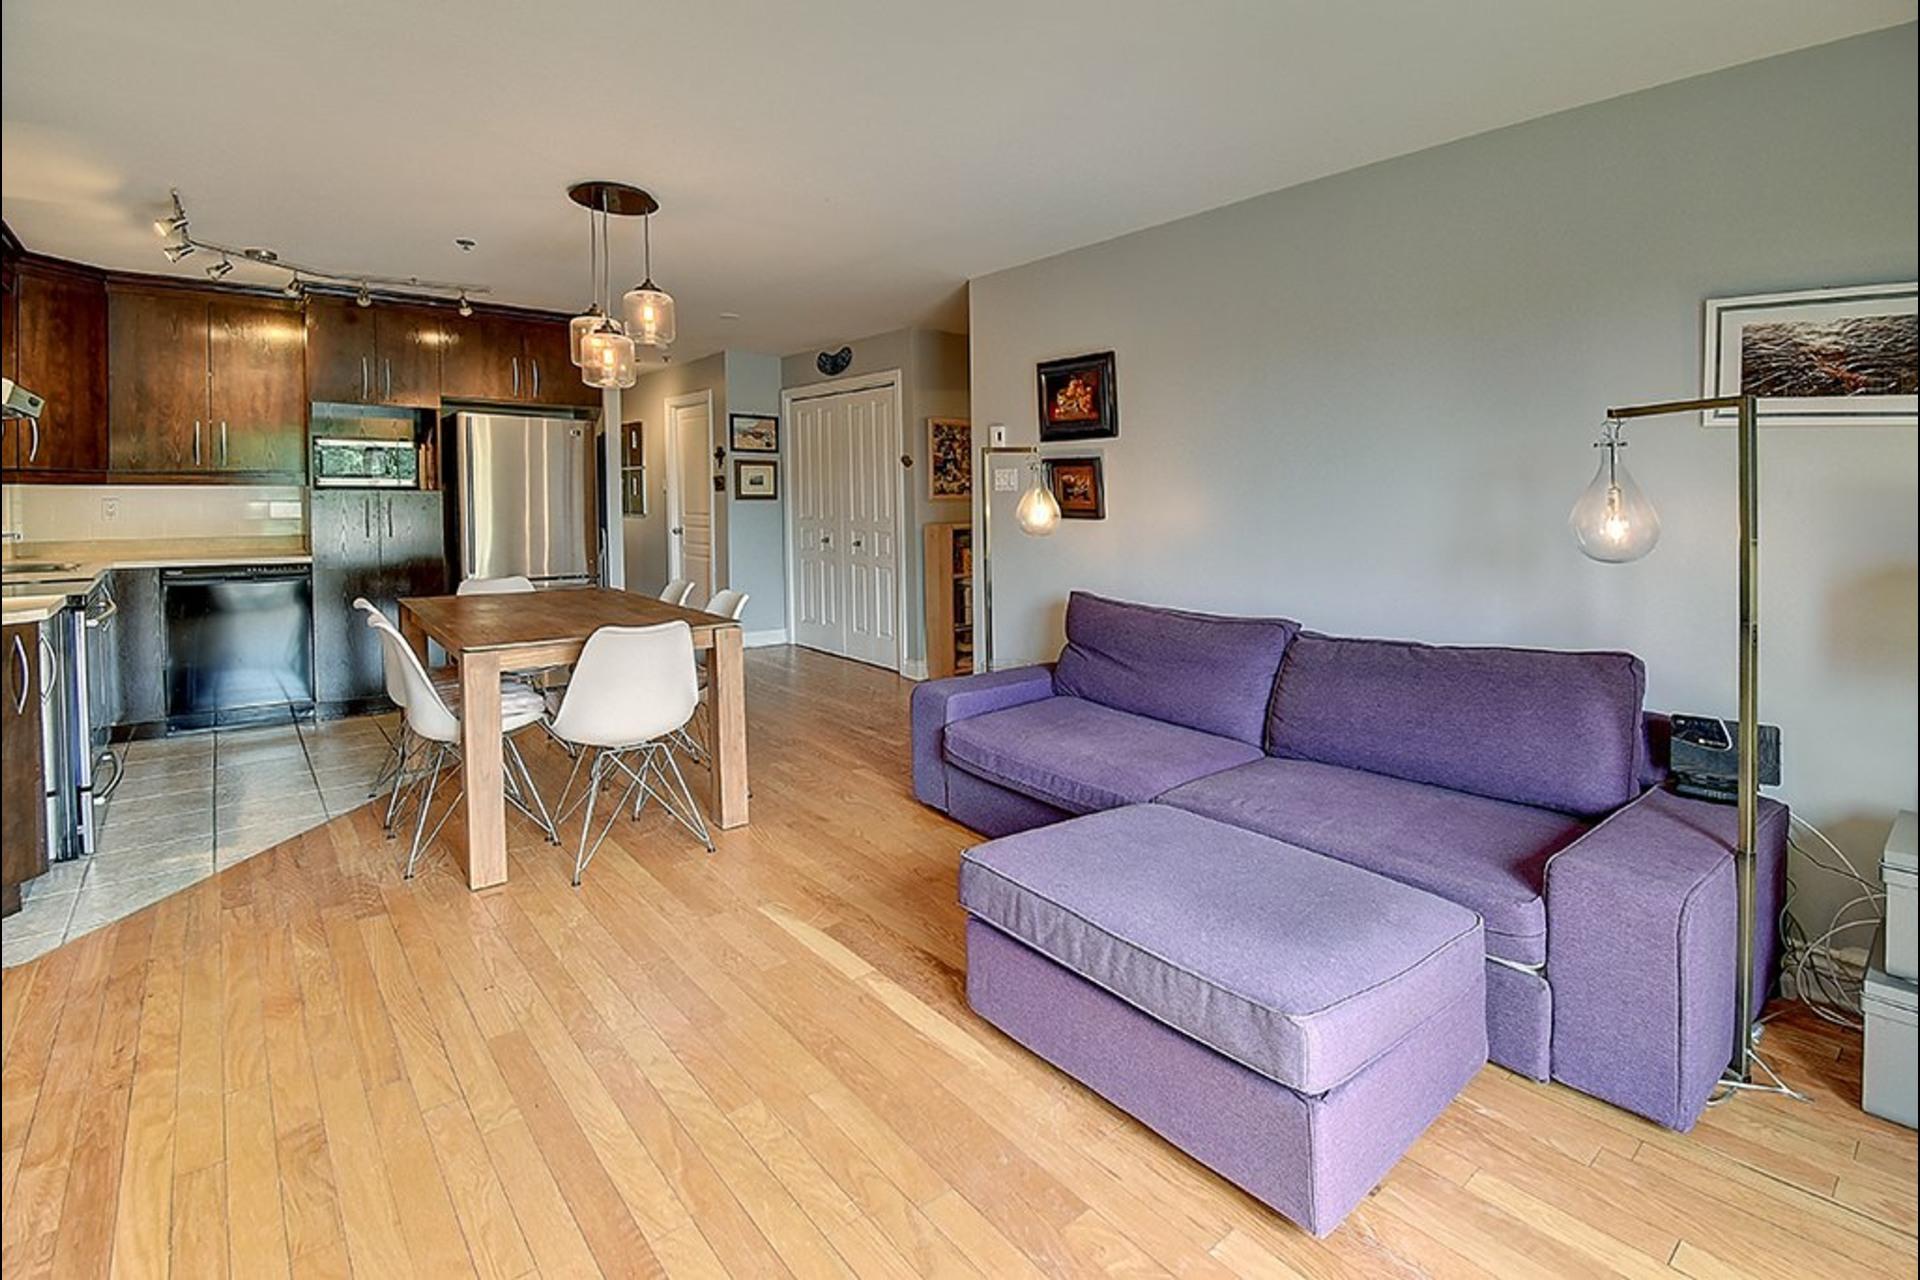 image 7 - Apartment For sale Montréal Verdun/Île-des-Soeurs  - 5 rooms